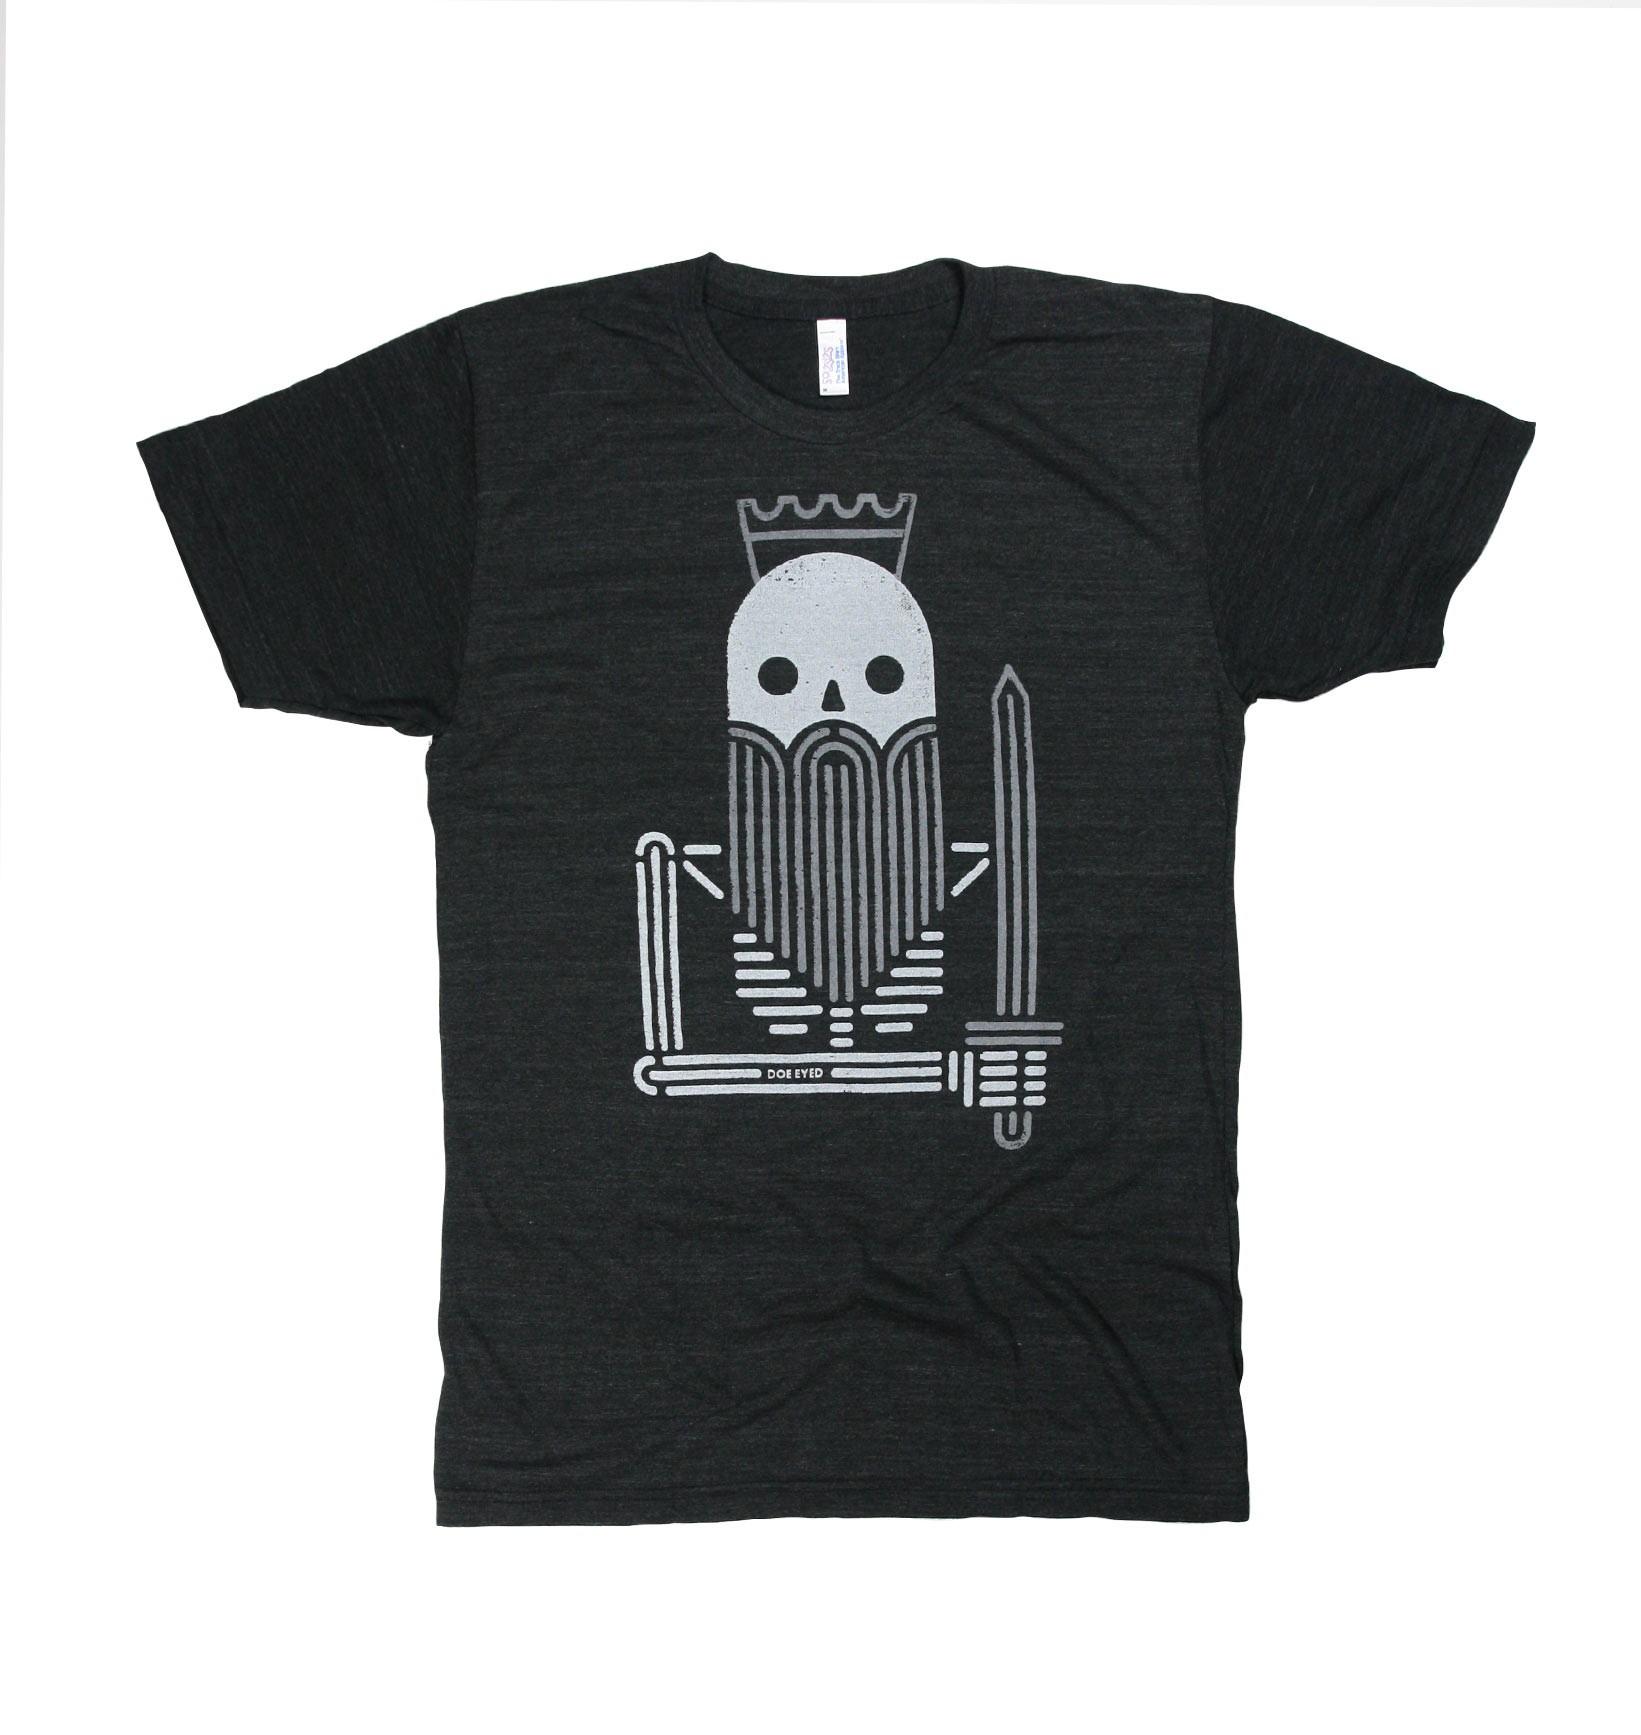 d couverte de grafitee t shirts graphiques originaux. Black Bedroom Furniture Sets. Home Design Ideas